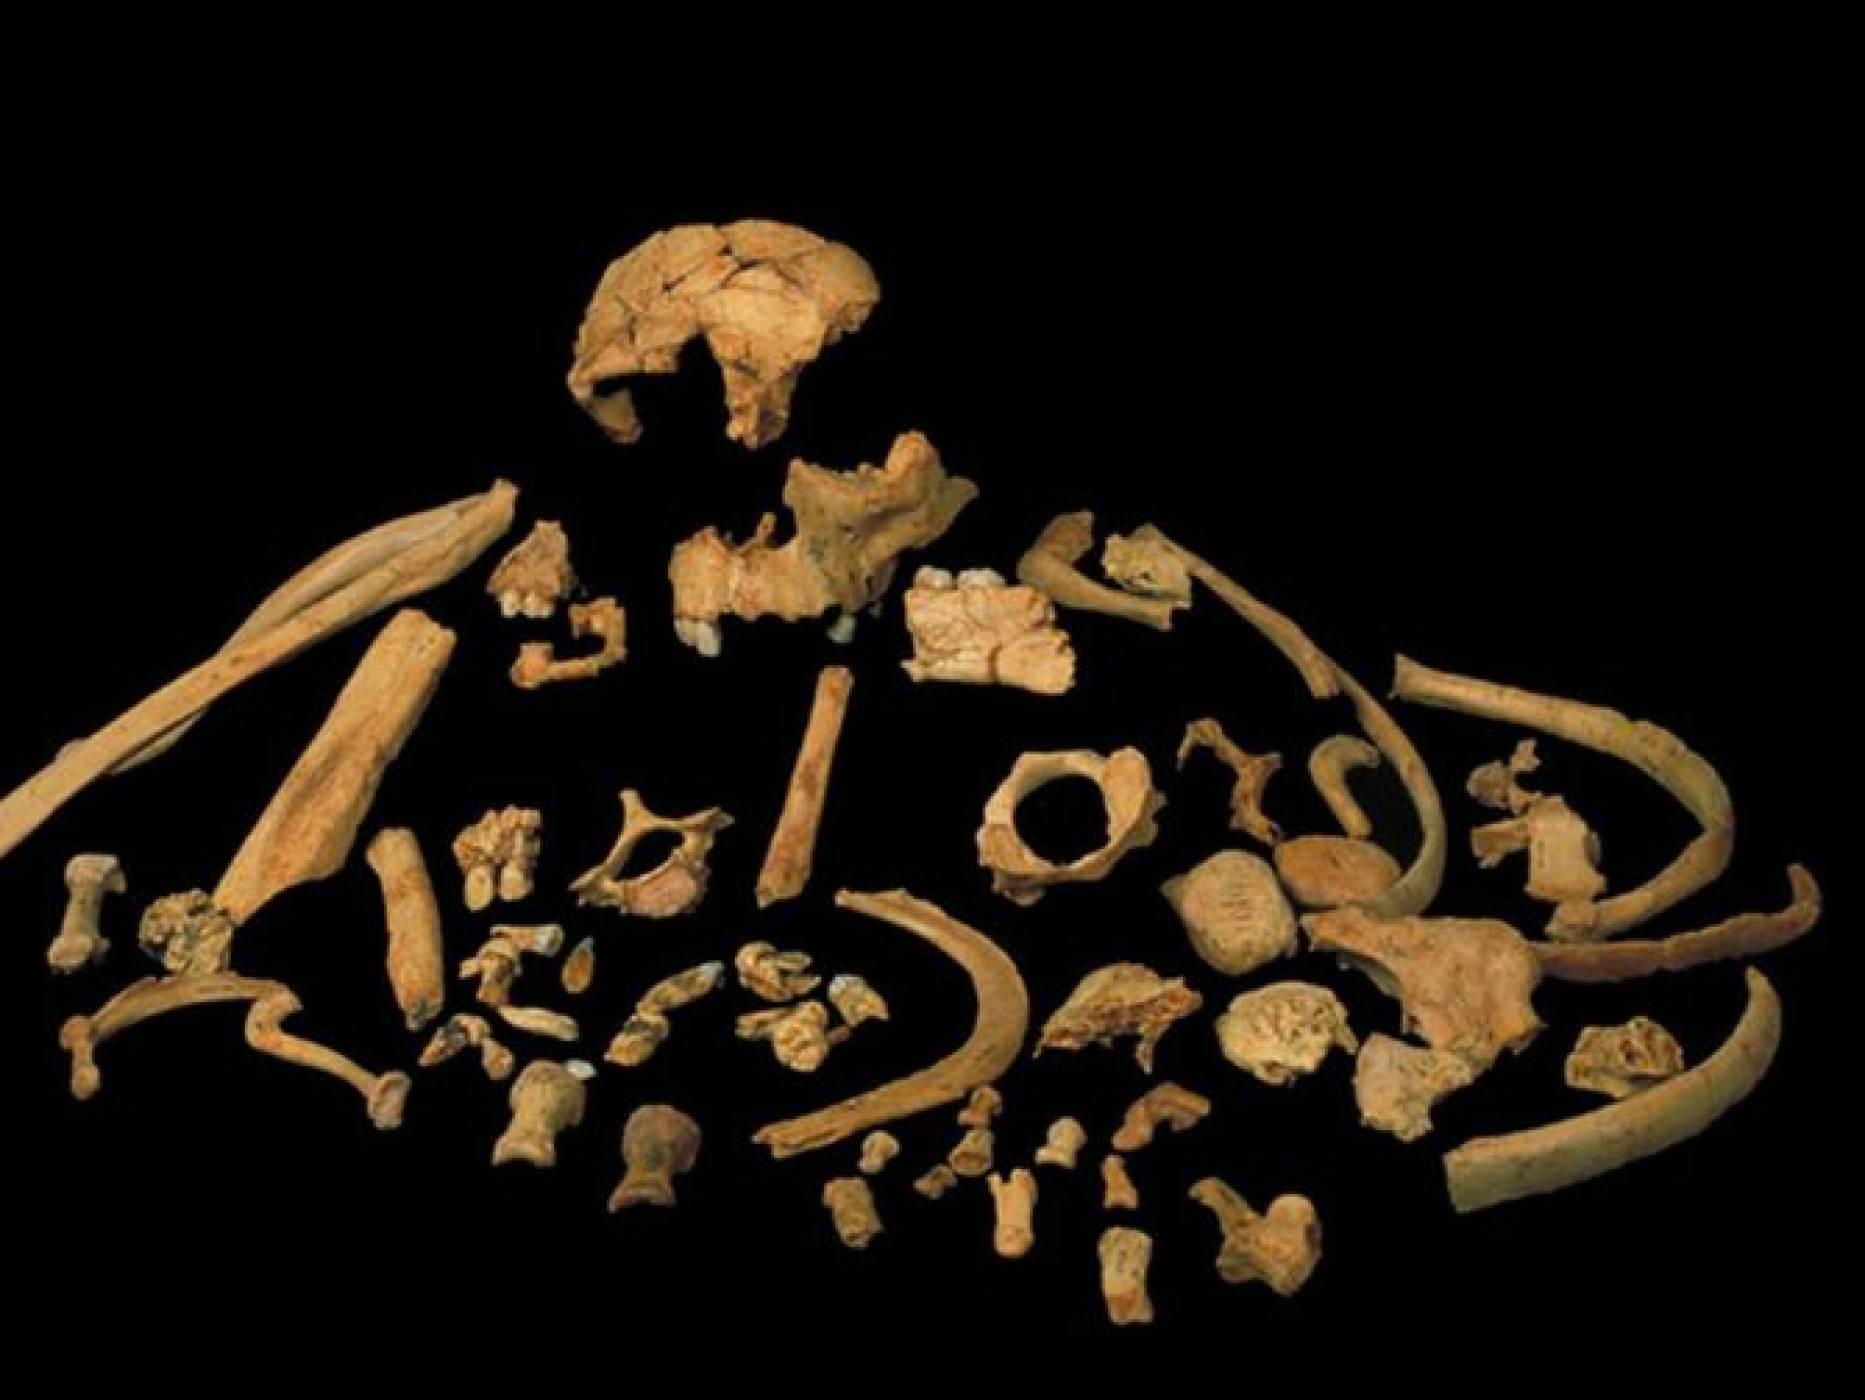 Най-старите открити човешки останки в Европа са на близо 1 милион години